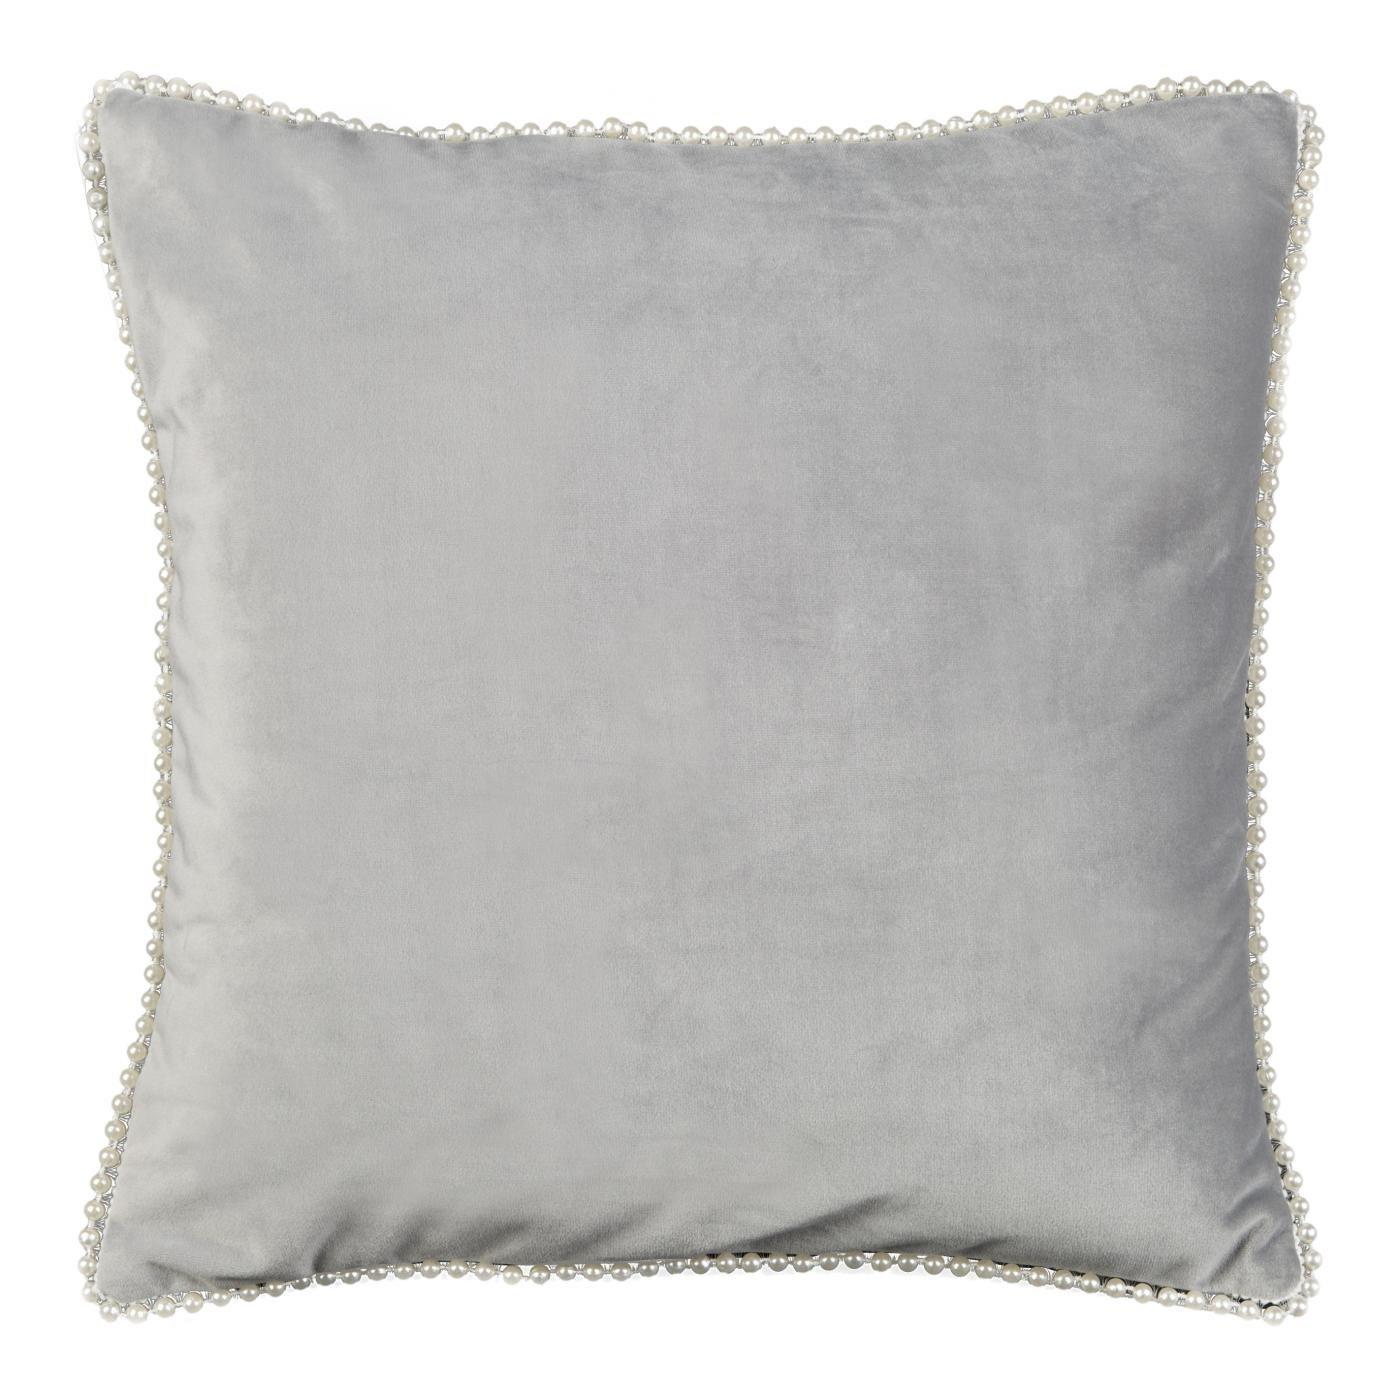 Poszewka na poduszkę 40 x 40 cm srebrno biała